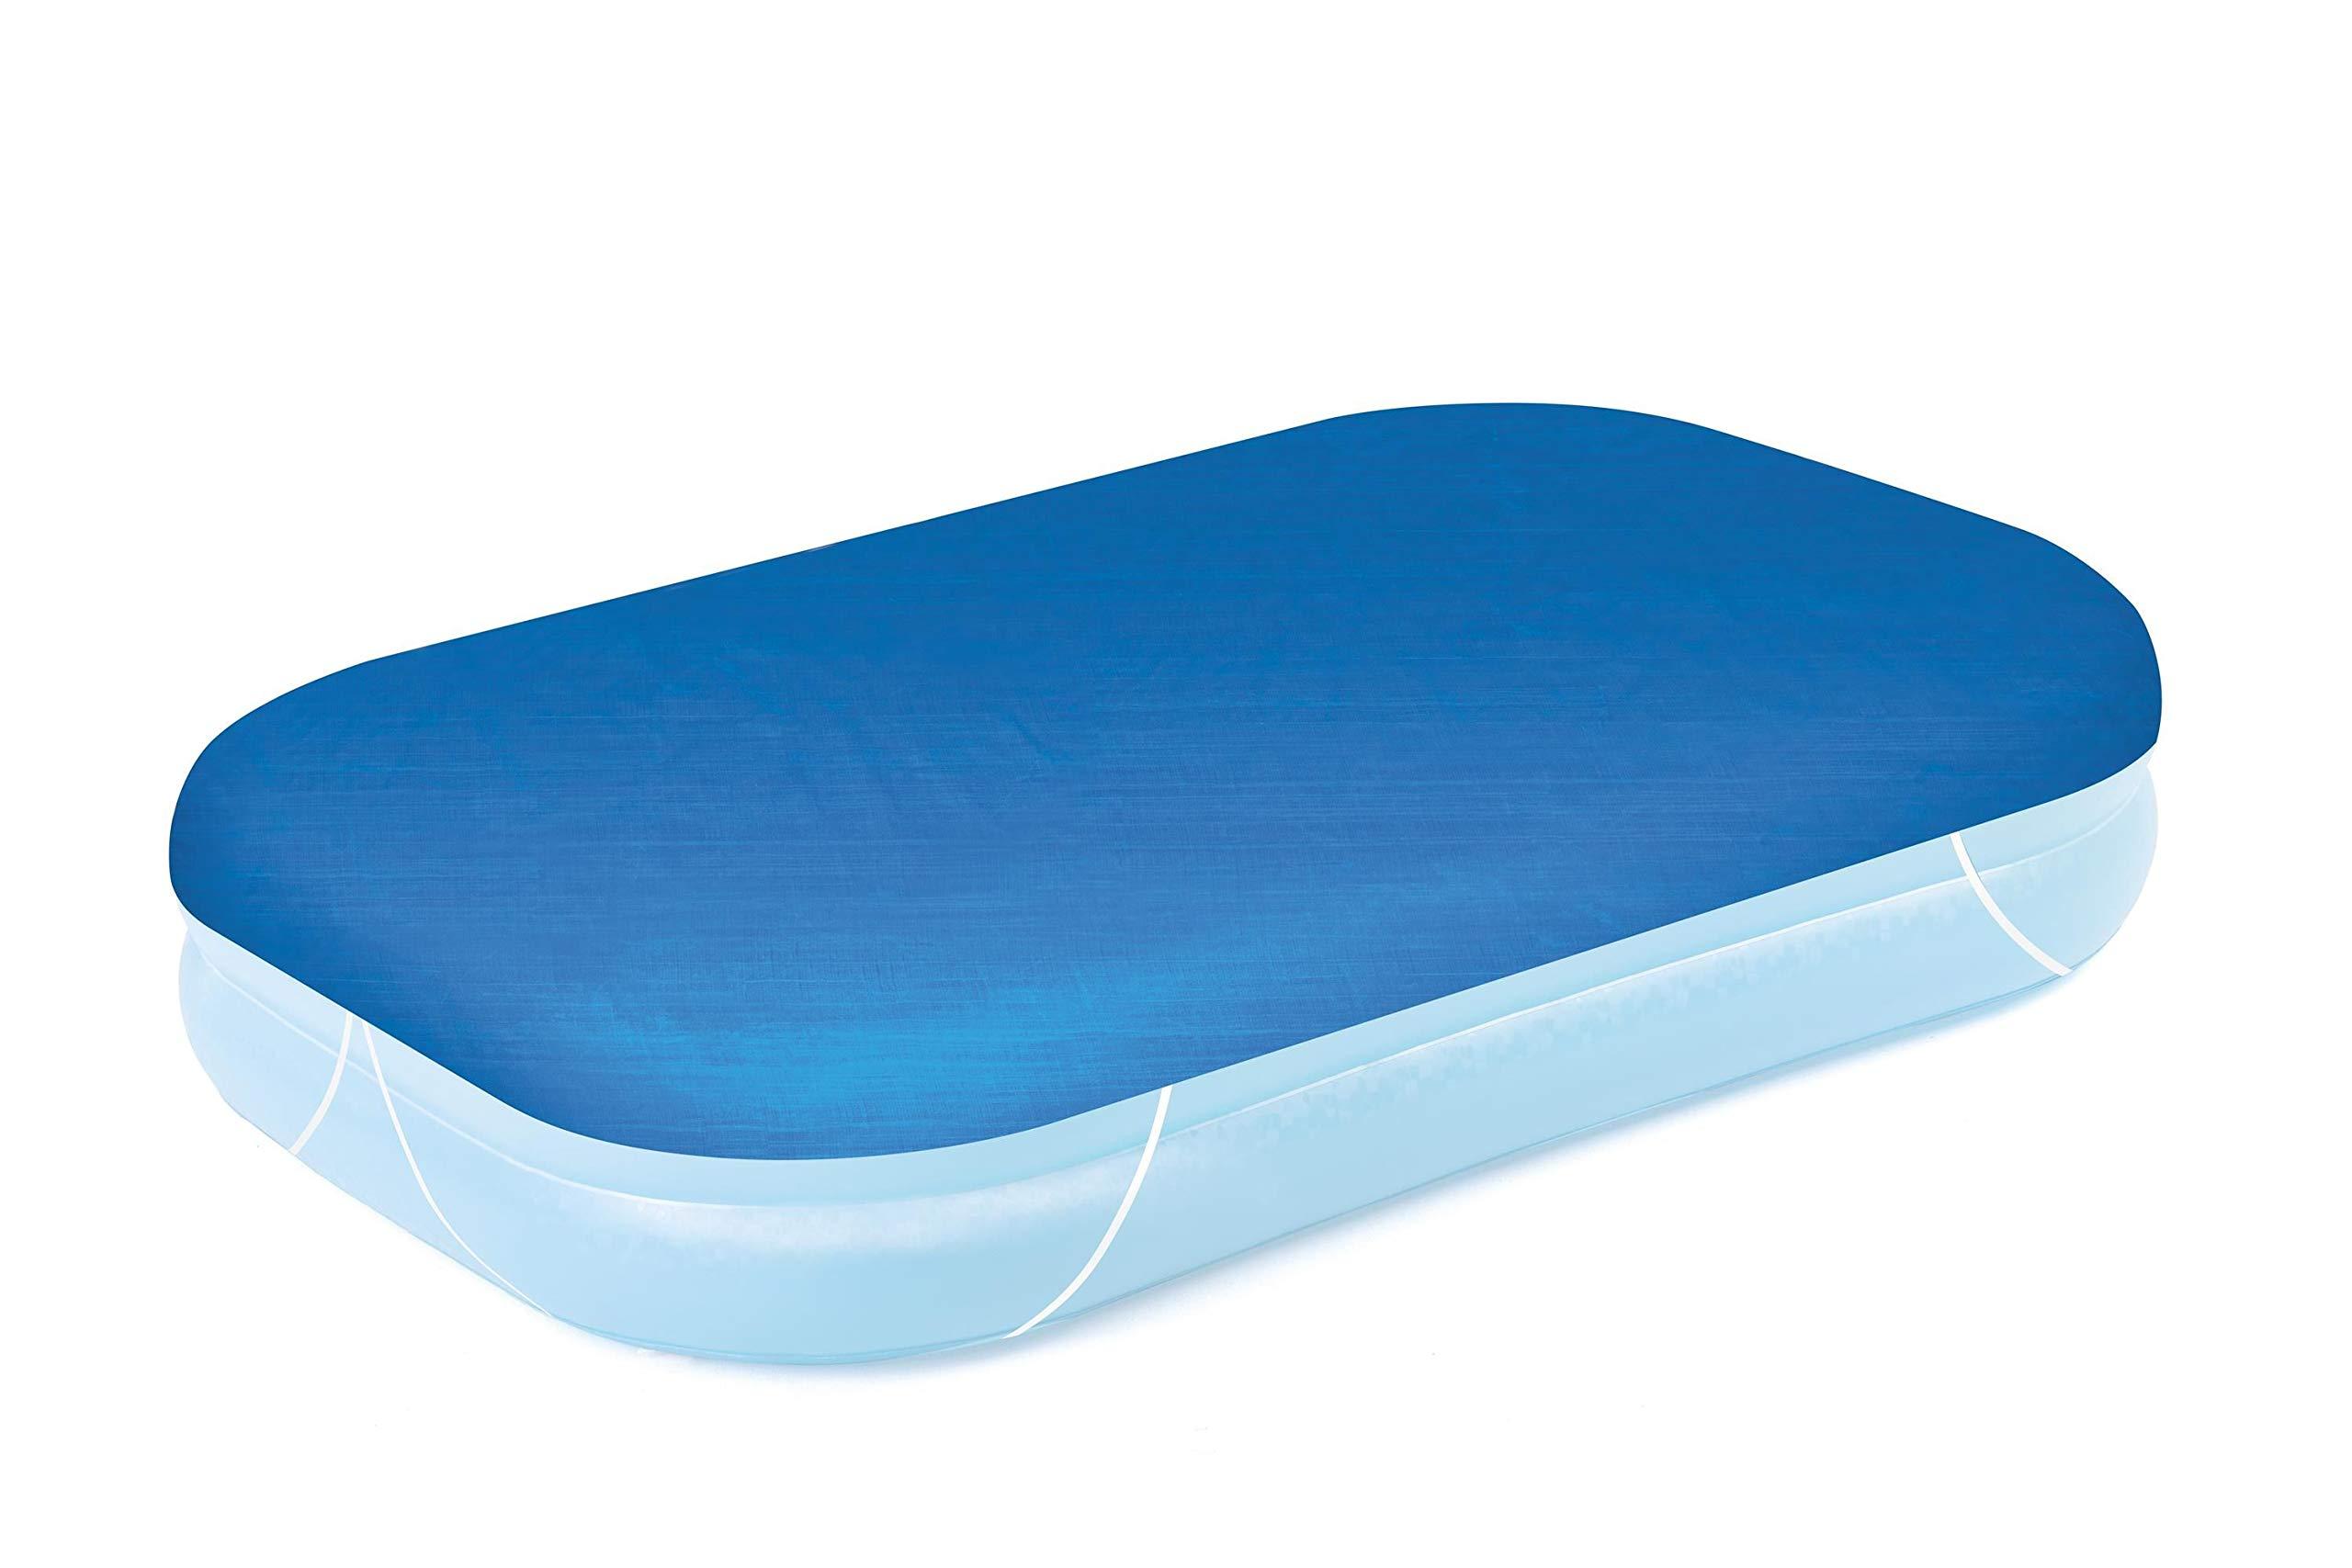 Bestway 8321626 Cobertor Para Piscina Rectangular Inflable 262x175 cm: Amazon.es: Jardín